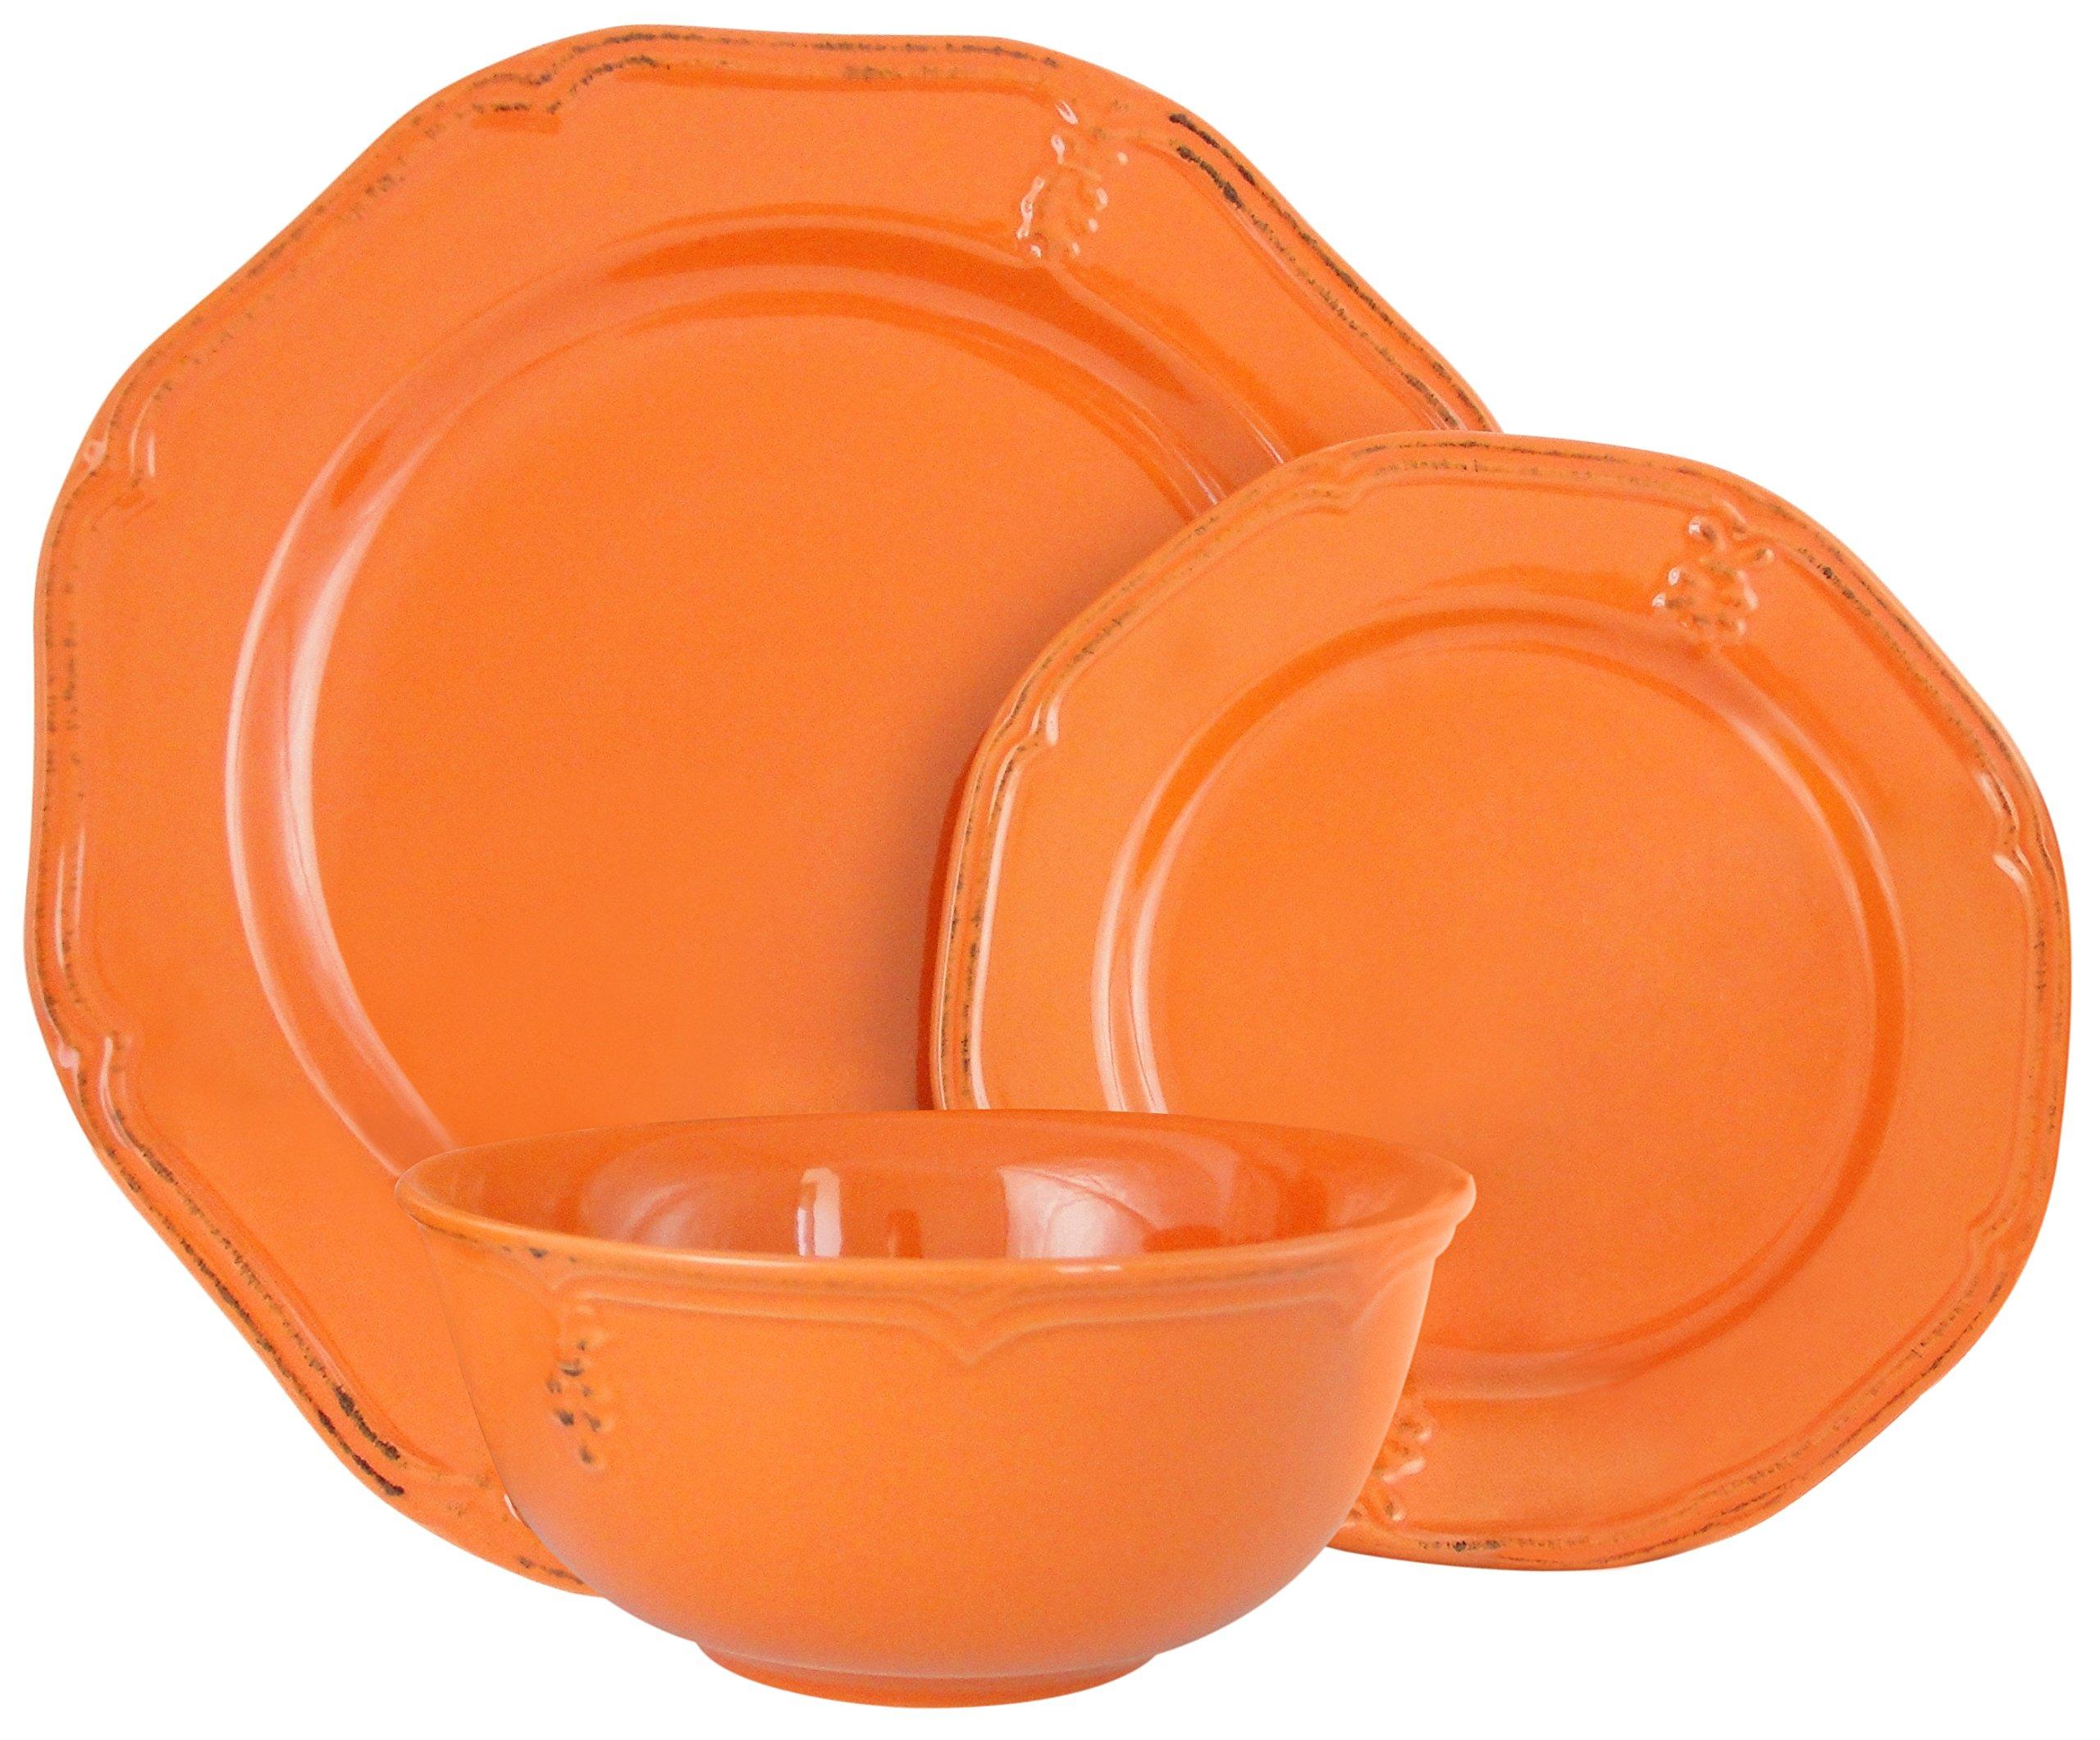 Melange Stoneware 36-Piece Dinnerware Set (Antique Orange) | Service for 6| Microwave, Dishwasher & Oven Safe | Dinner Plate, Salad Plate & Soup Bowl (12 Each)